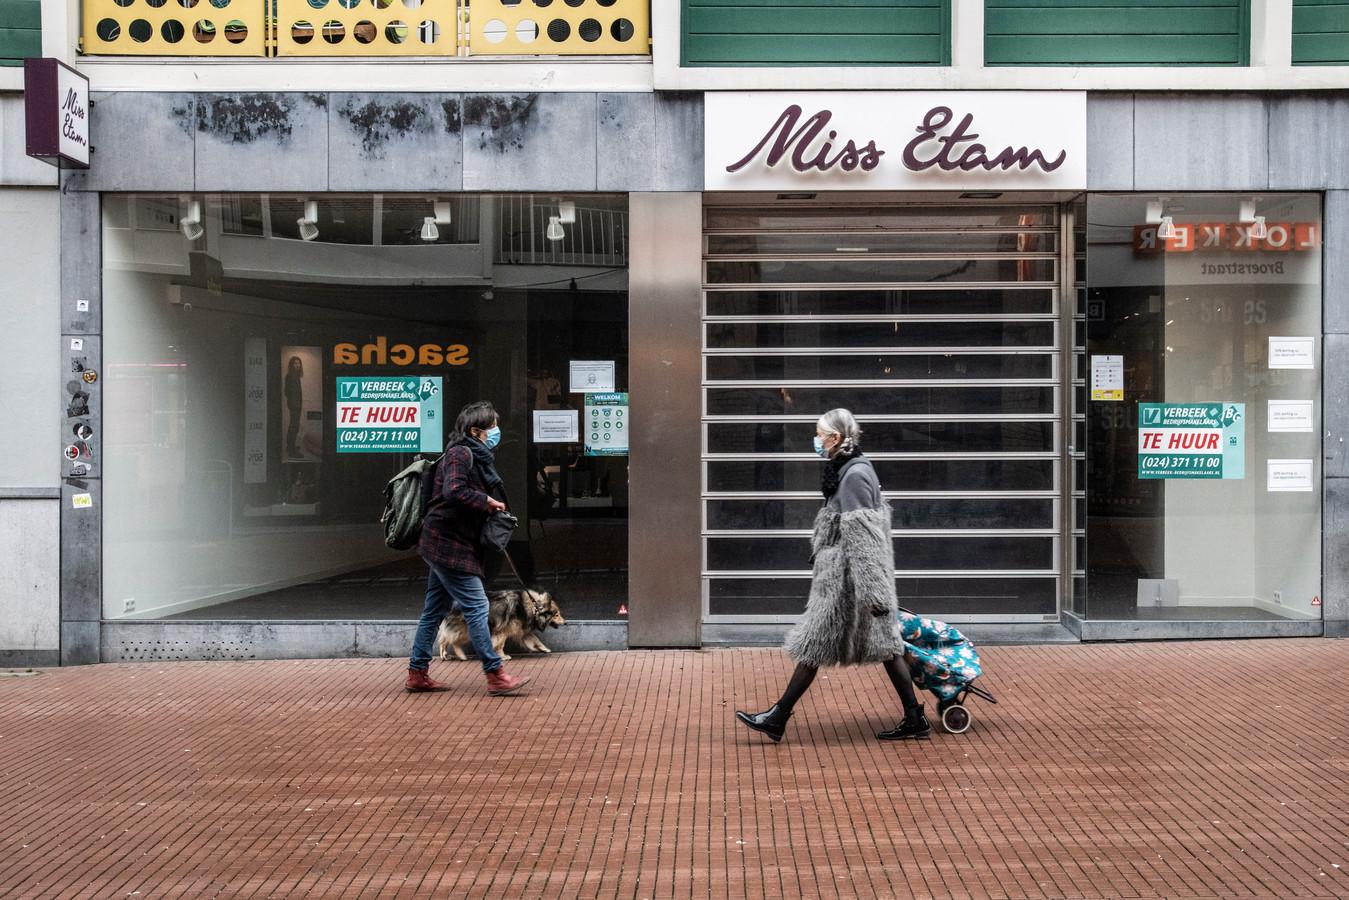 De kans is groot dat de winkels van Miss Etam, zoals hier in Nijmegen, ook na de lockdown gesloten blijven.